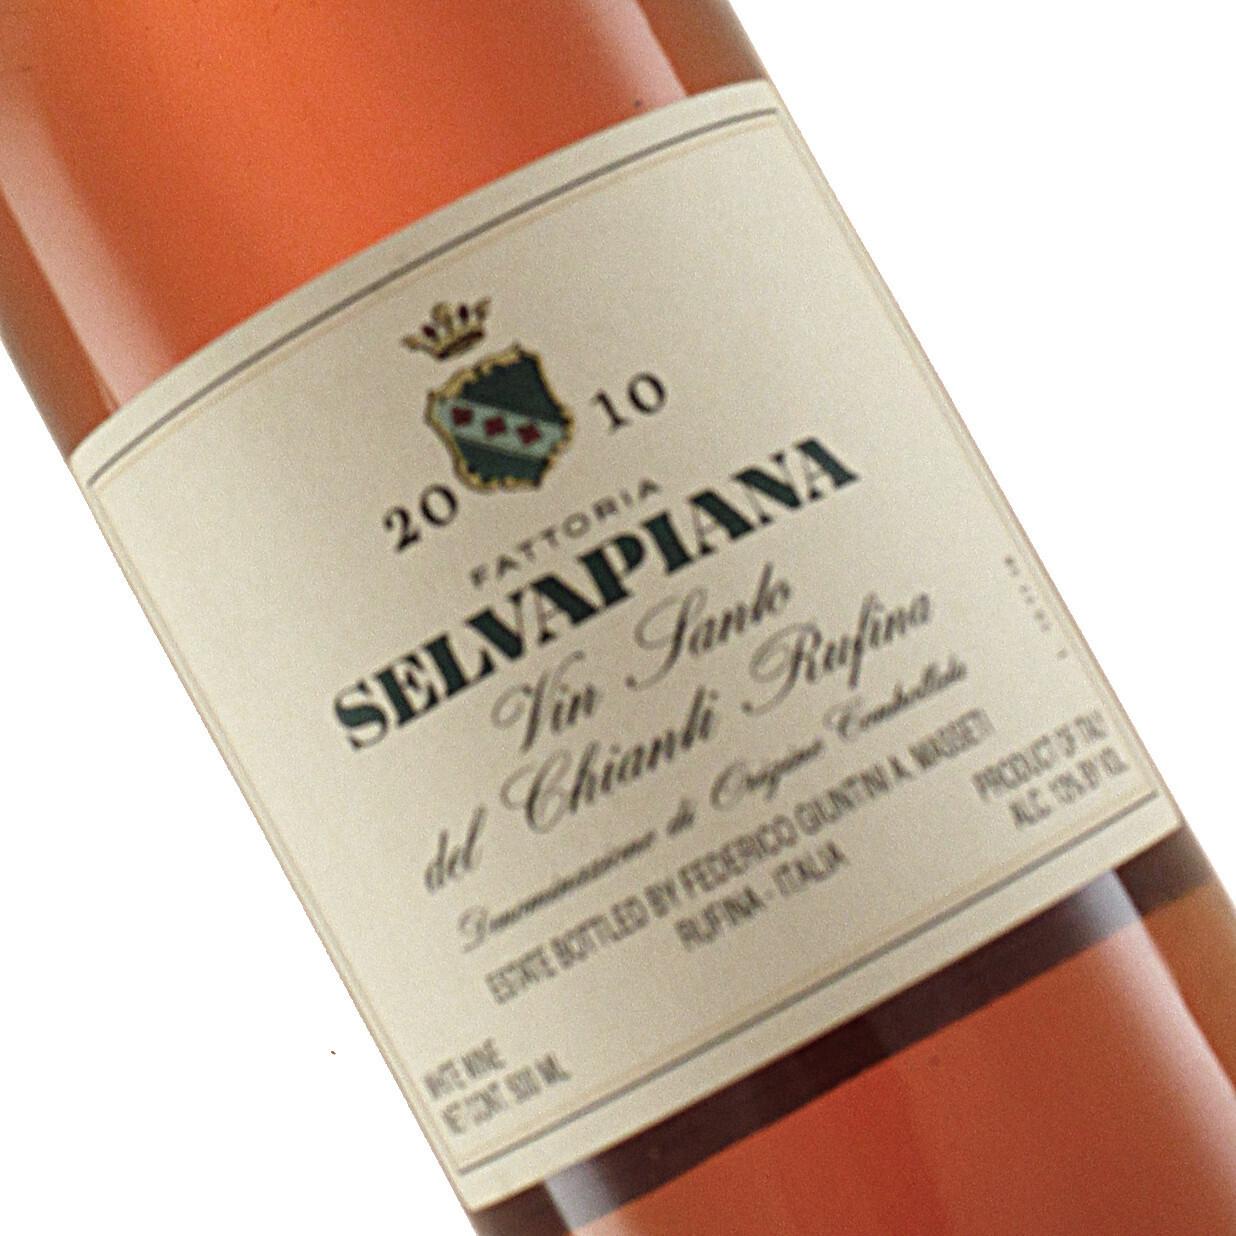 Fattoria Selvapiana Vin Santo del Chianti Rufina 2011 (500 ml)